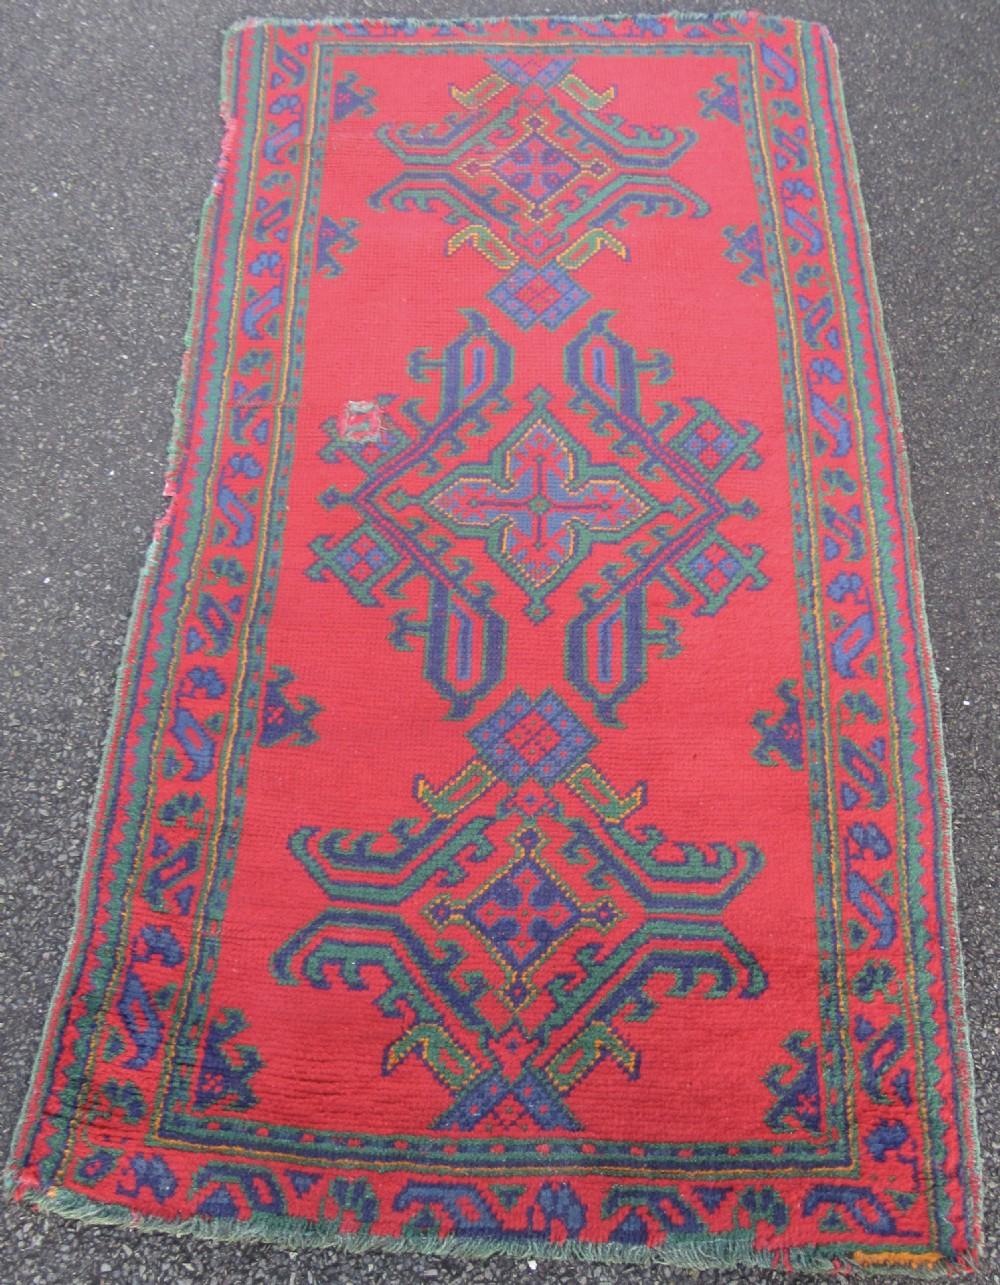 Antique Country House Shabby Chic Turkish Ushak Rug Turkey Rug 675885 Sellingantiques Co Uk